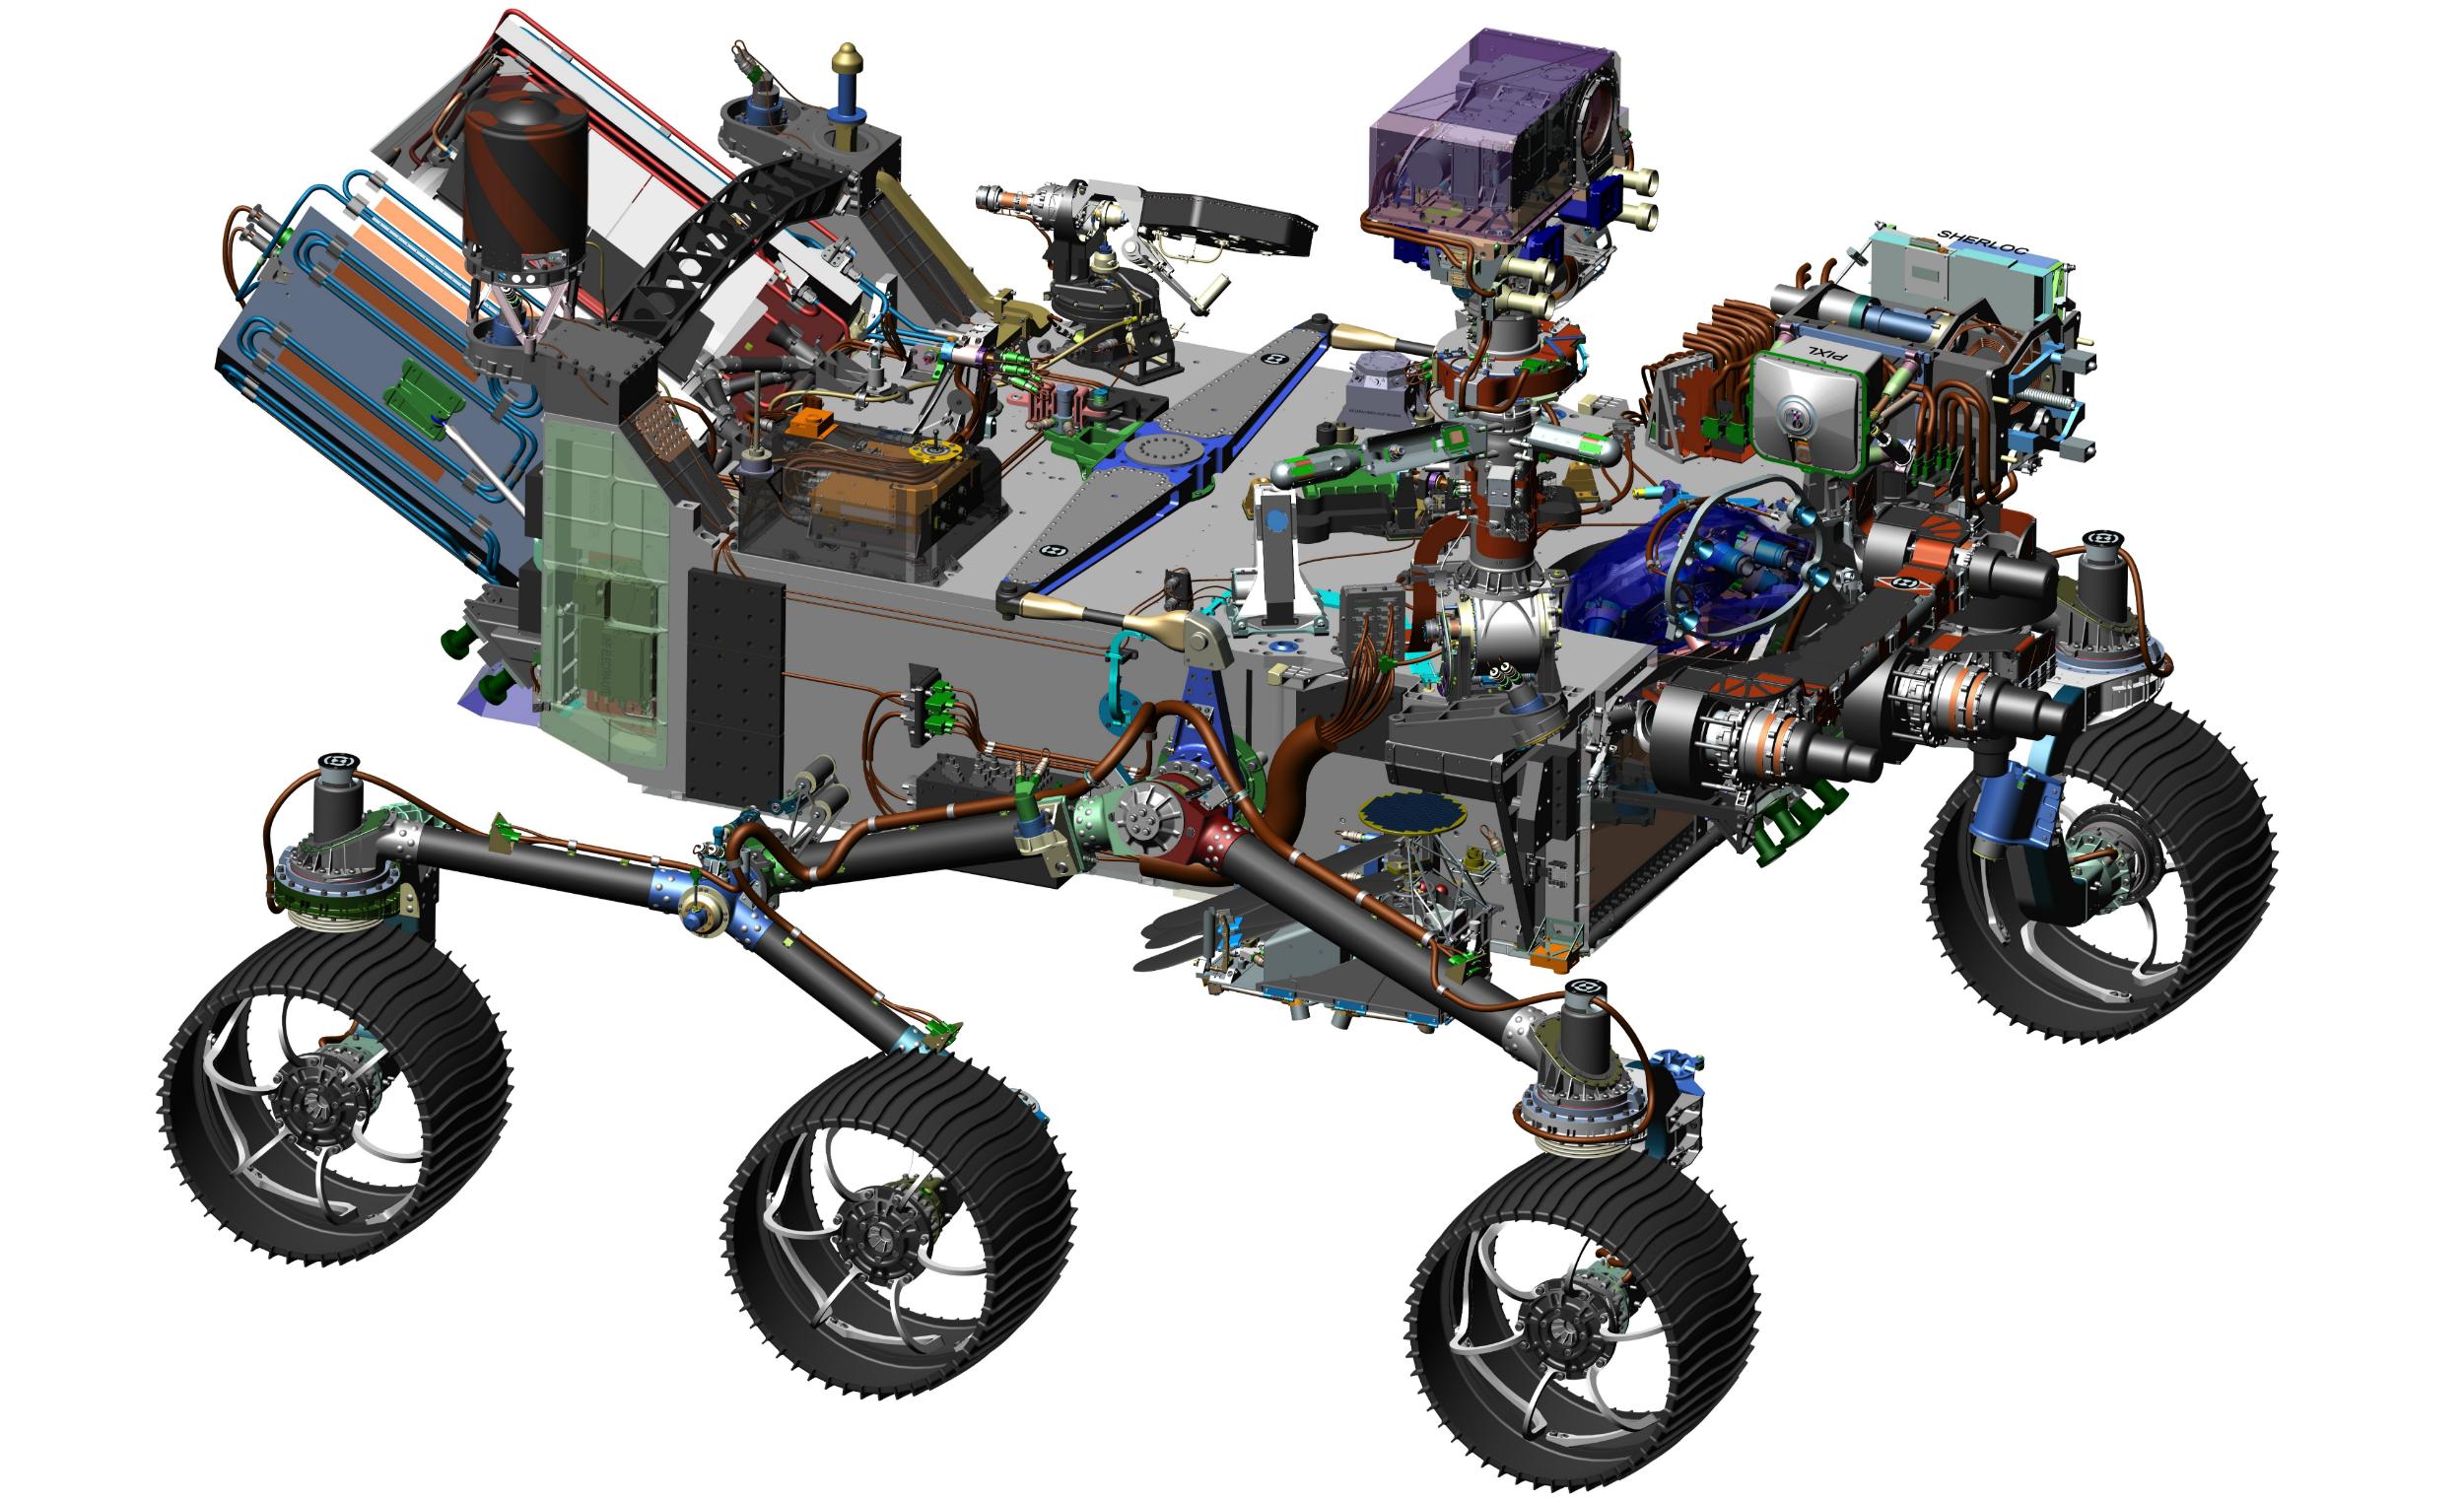 New Planet Discovered 2020 NASA's Next Mars Rover Progresses Toward 2020 Launch | NASA